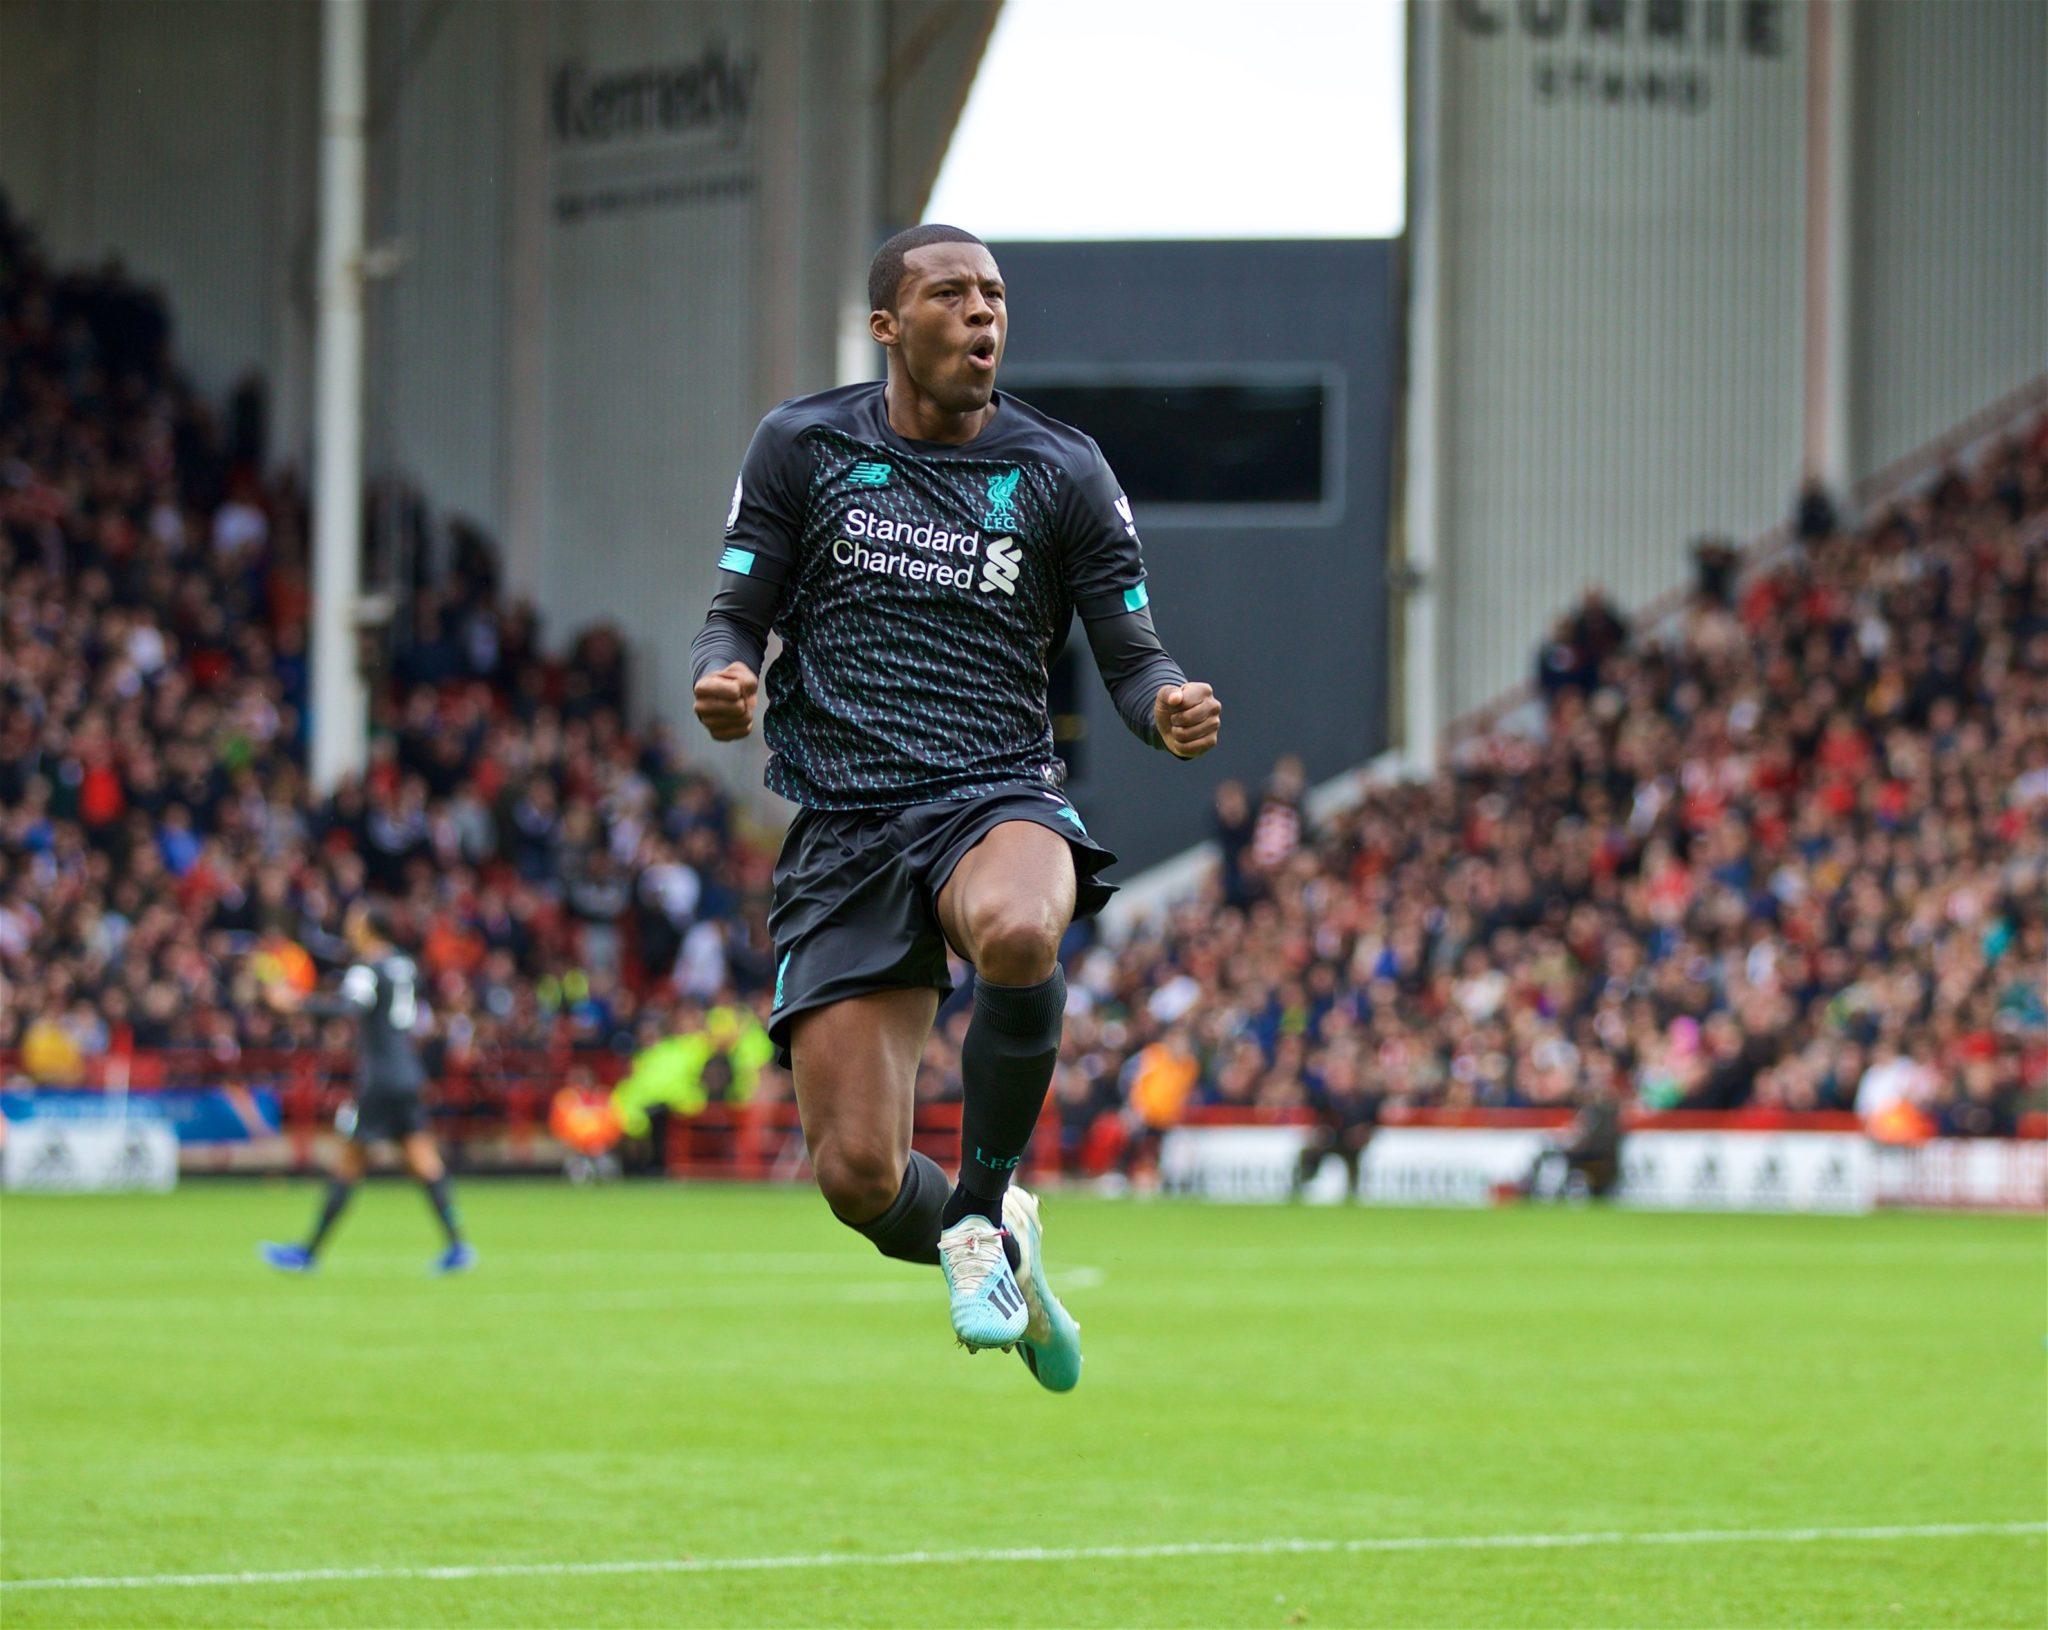 Liverpool mantiene el dominio. Foto: Twitter